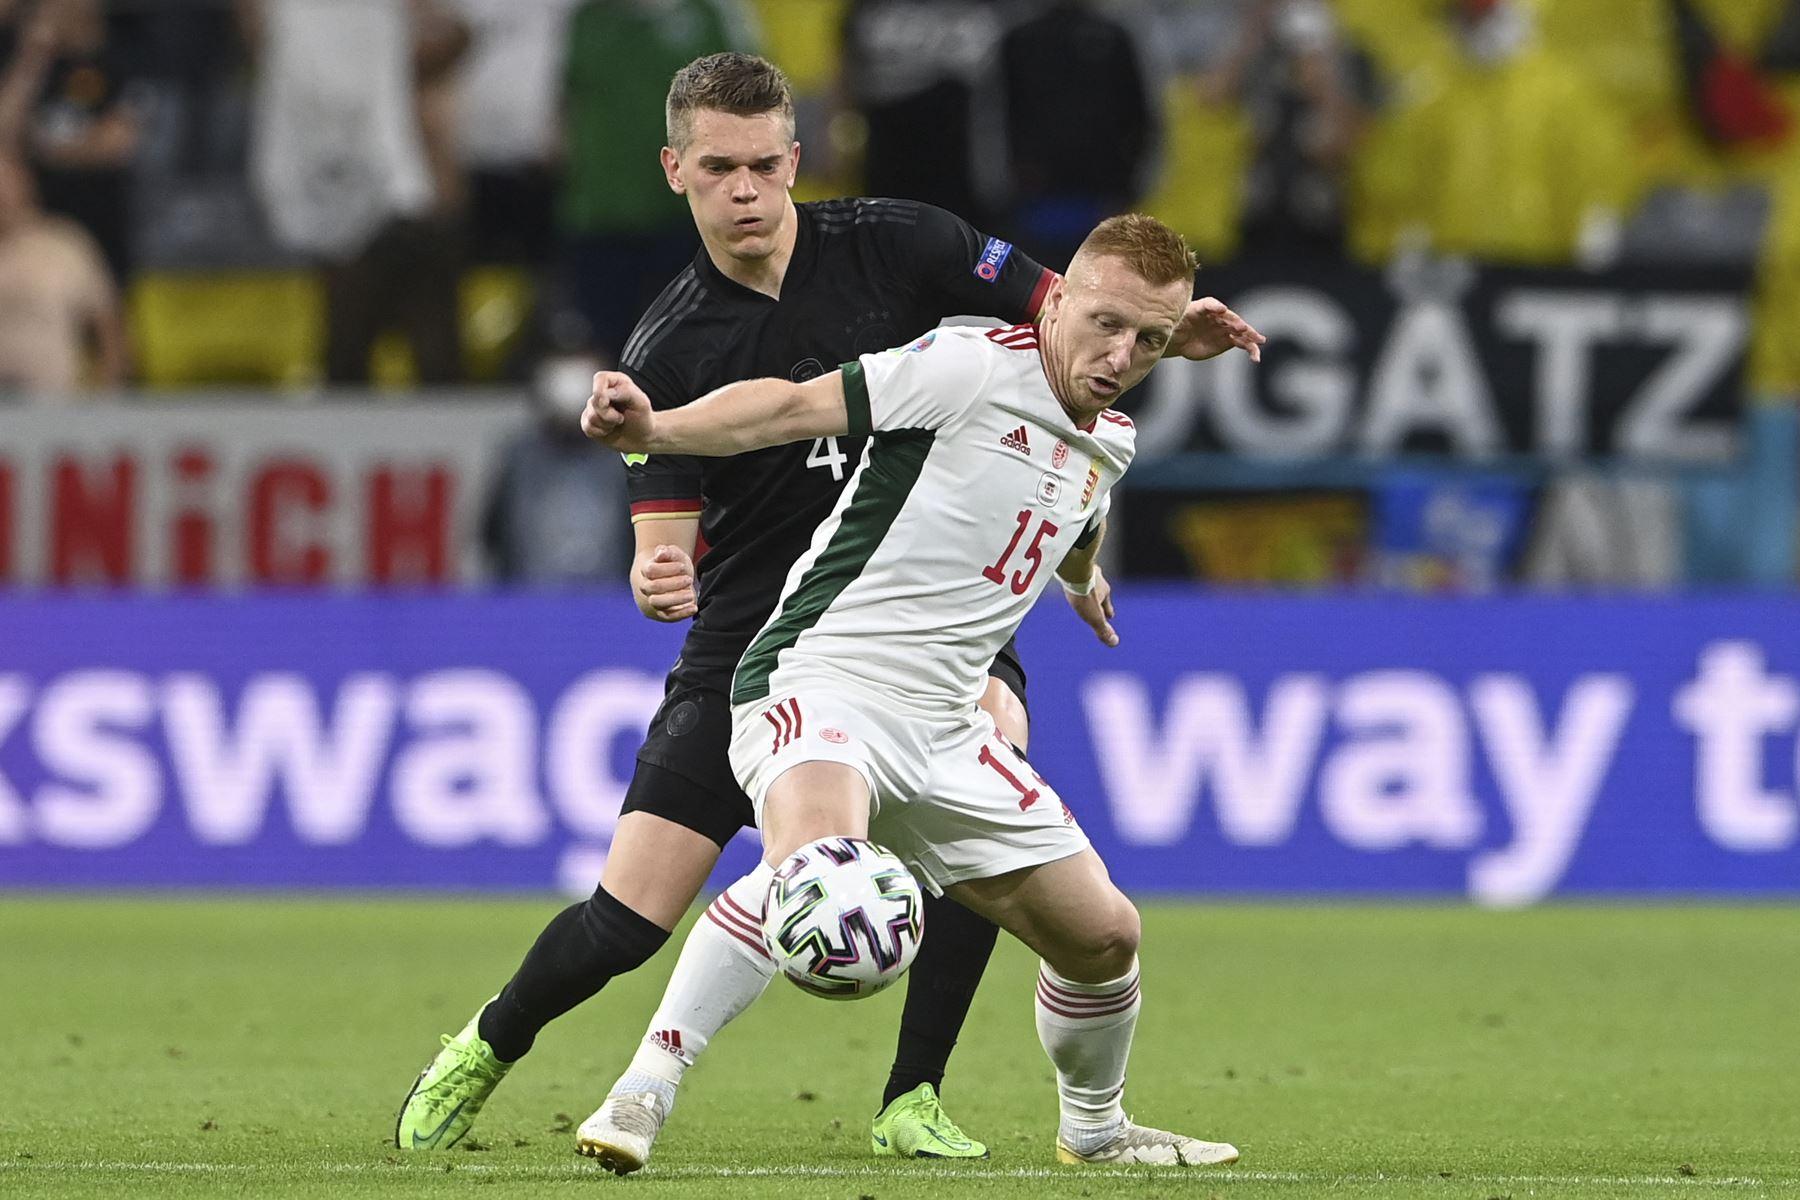 El centrocampista húngaro Laszlo Kleinheisler y el defensor alemán Matthias Ginter compiten por el balón durante el partido por el del Grupo F de la UEFA EURO 2020. Foto: AFP